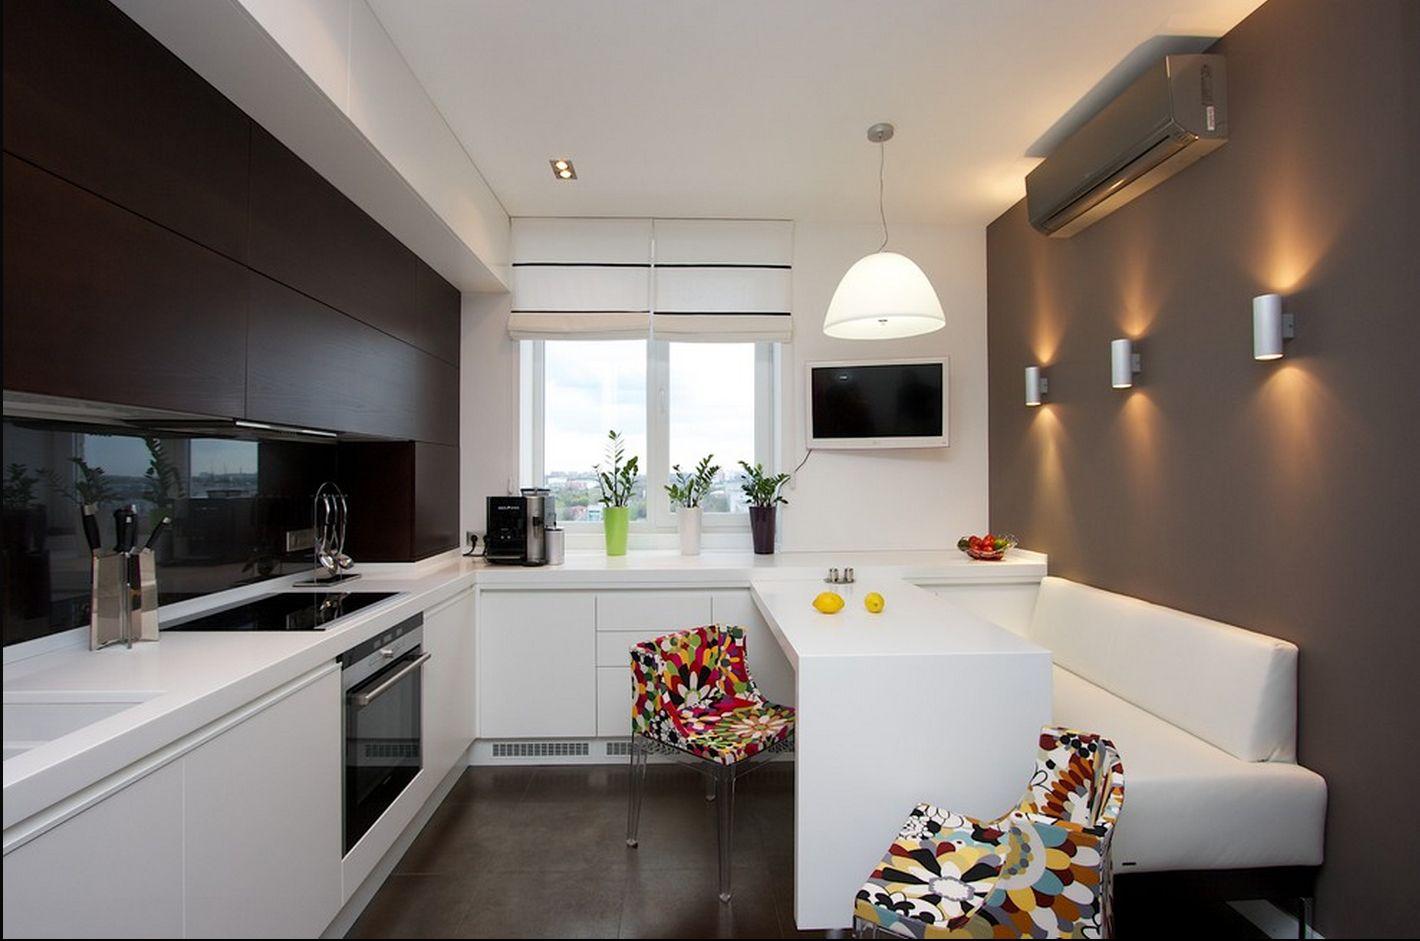 дизайн кухни в квартире 50 кв. метров